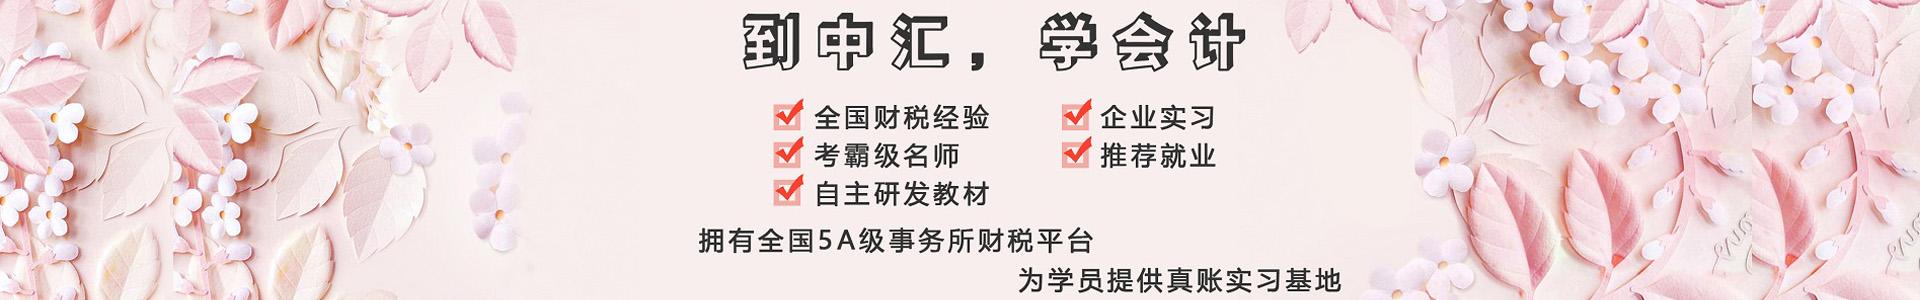 重庆中汇会计培训学校